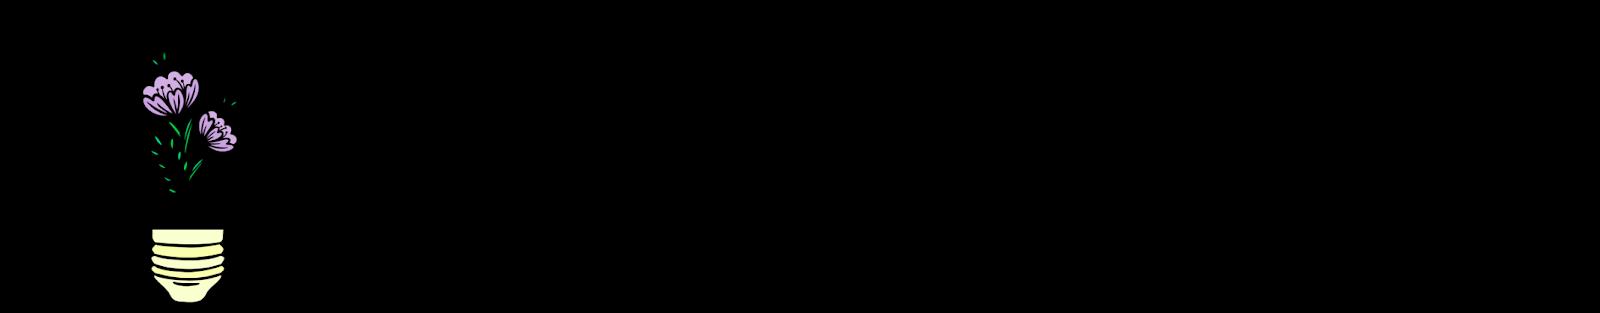 PinselRausch